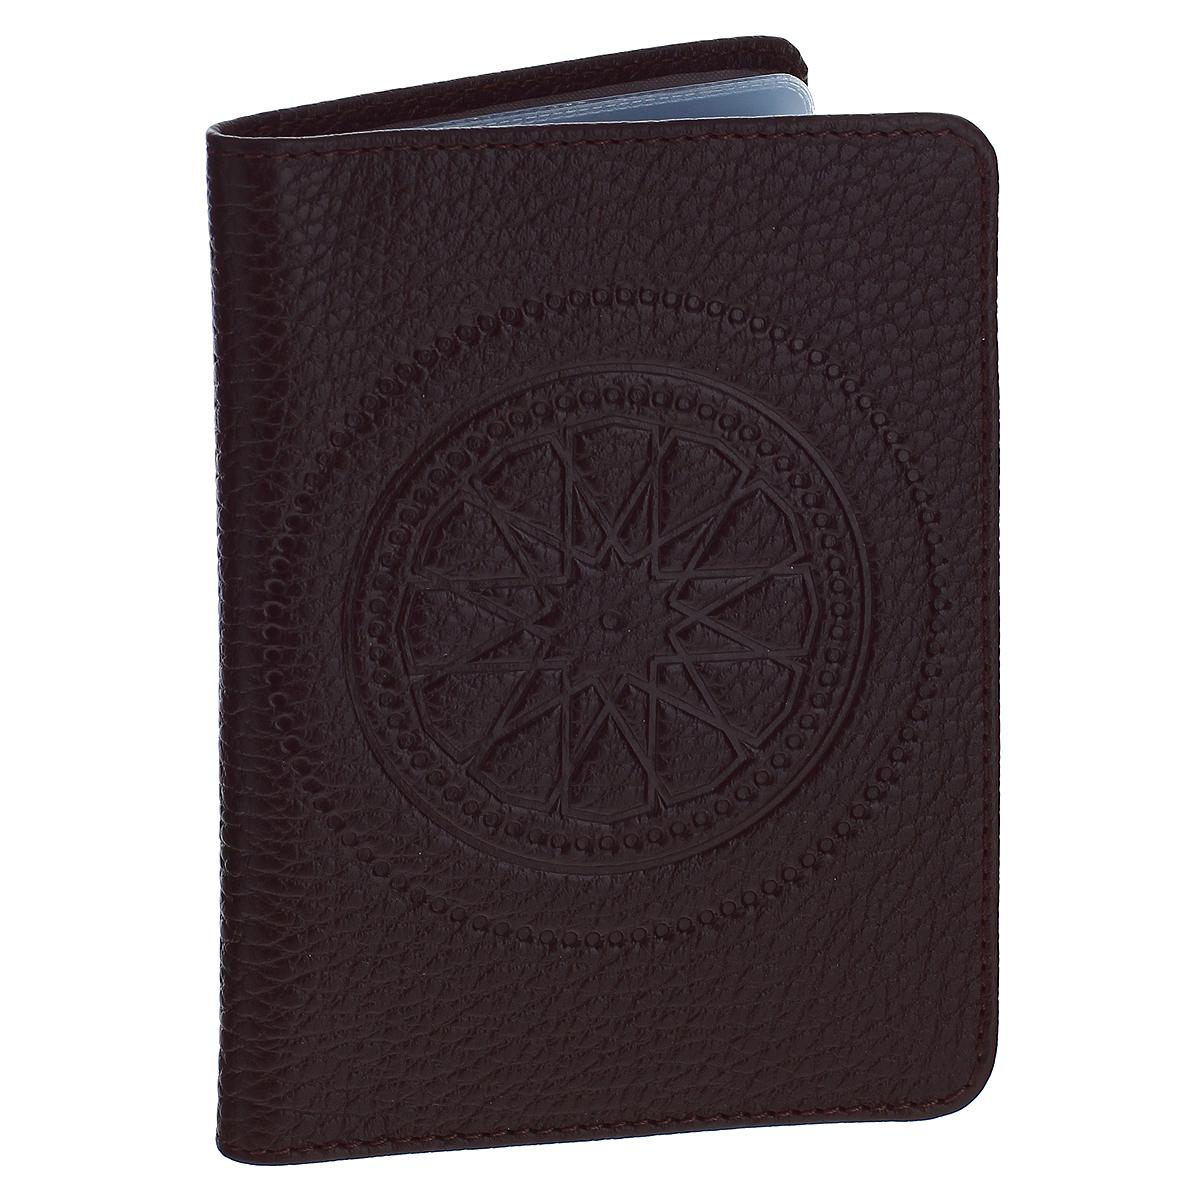 Бумажник водителя Askent Talisman, цвет: шоколадный. BV.66.SNBV.66.SN. шоколадныйБумажник водителя Askent Talisman выполнен из натуральной кожи с декоративным тиснением в виде талисмана. На внутреннем развороте имеет два кармана: глубокий вертикальный карман из кожи с 4 прорезными карманами для кредитных карт и карман из прозрачного пластика. Внутренний блок для водительских документов из прозрачного пластика (6 карманов). Такой бумажник станет отличным подарком для человека, ценящего качественные и необычные вещи.